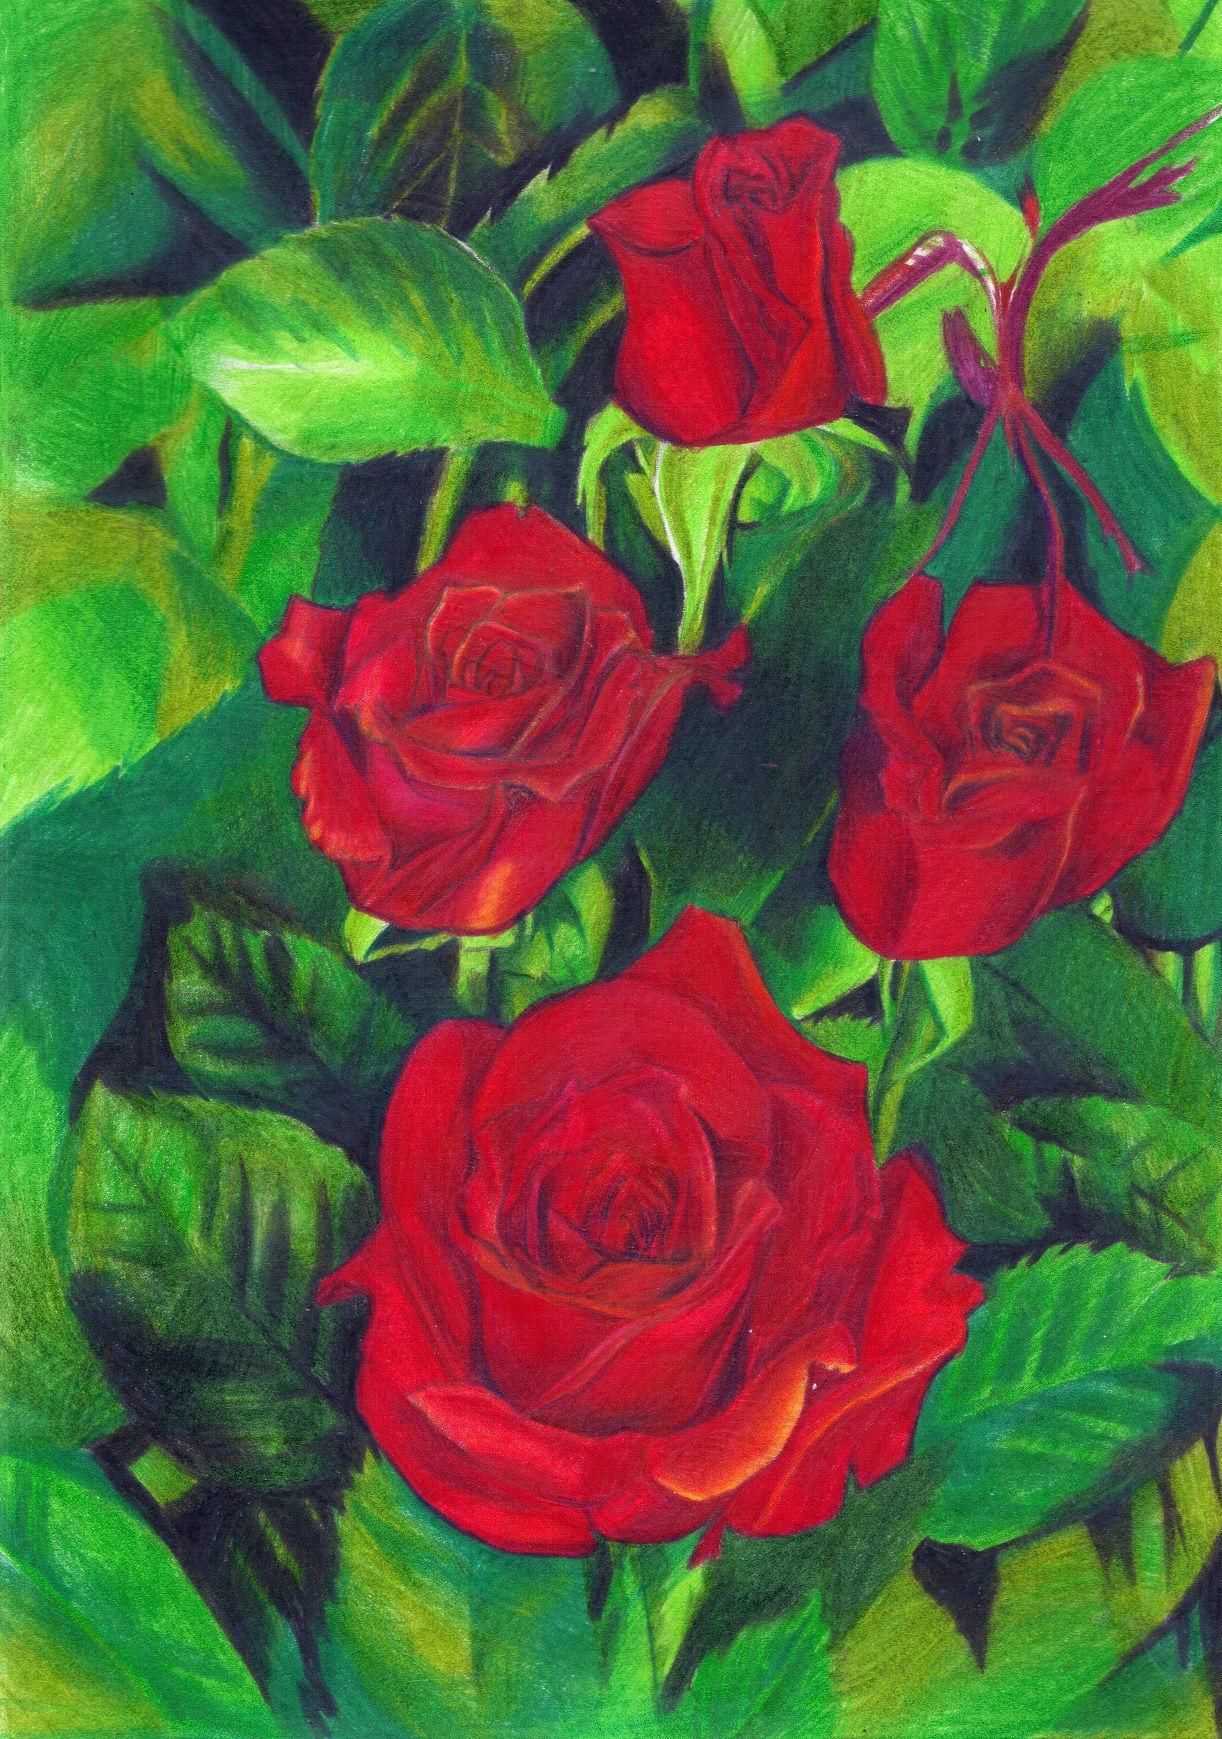 image polychromos rosen zeichnungen von aries lyra on kunstnet. Black Bedroom Furniture Sets. Home Design Ideas